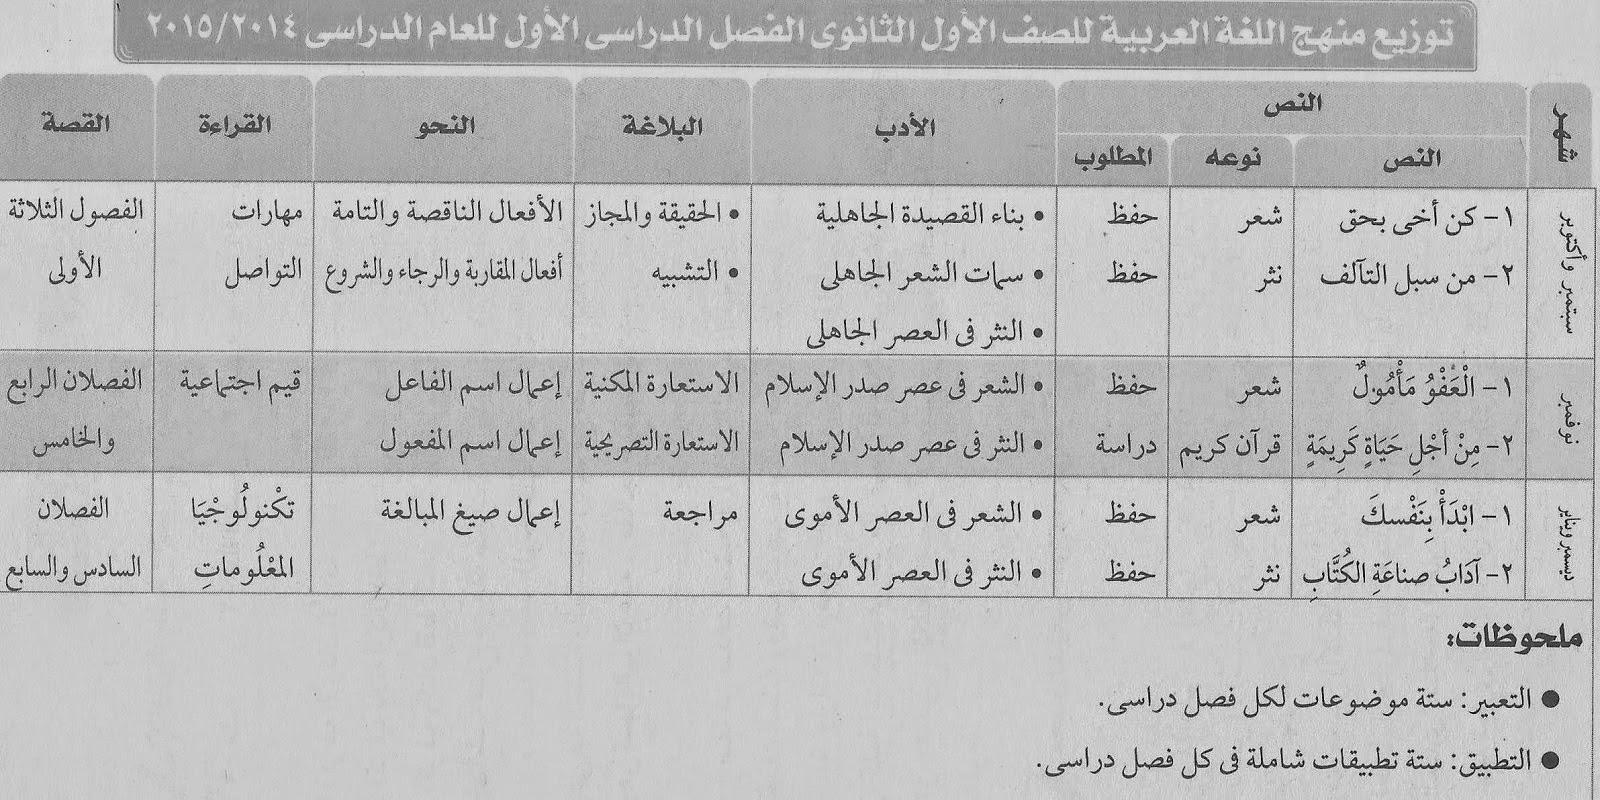 توزيعة 2015 لمنهج اللغة العربية 1 ثانوى ترم1 - 2015 %D8%AA%D9%88%D8%B2%D9%8A%D8%B9+%D9%85%D9%86%D9%87%D8%AC+%D8%A7%D9%84%D9%84%D8%BA%D8%A9+%D8%A7%D9%84%D8%B9%D8%B1%D8%A8%D9%8A%D8%A9+%D9%84%D9%84%D8%B5%D9%81+%D8%A7%D9%84%D8%A7%D9%88%D9%84+%D8%A7%D9%84%D8%AB%D8%A7%D9%86%D9%88%D9%89+%D8%A7%D9%84%D8%AA%D8%B1%D9%85+%D8%A7%D9%84%D8%A7%D9%88%D9%84+2015